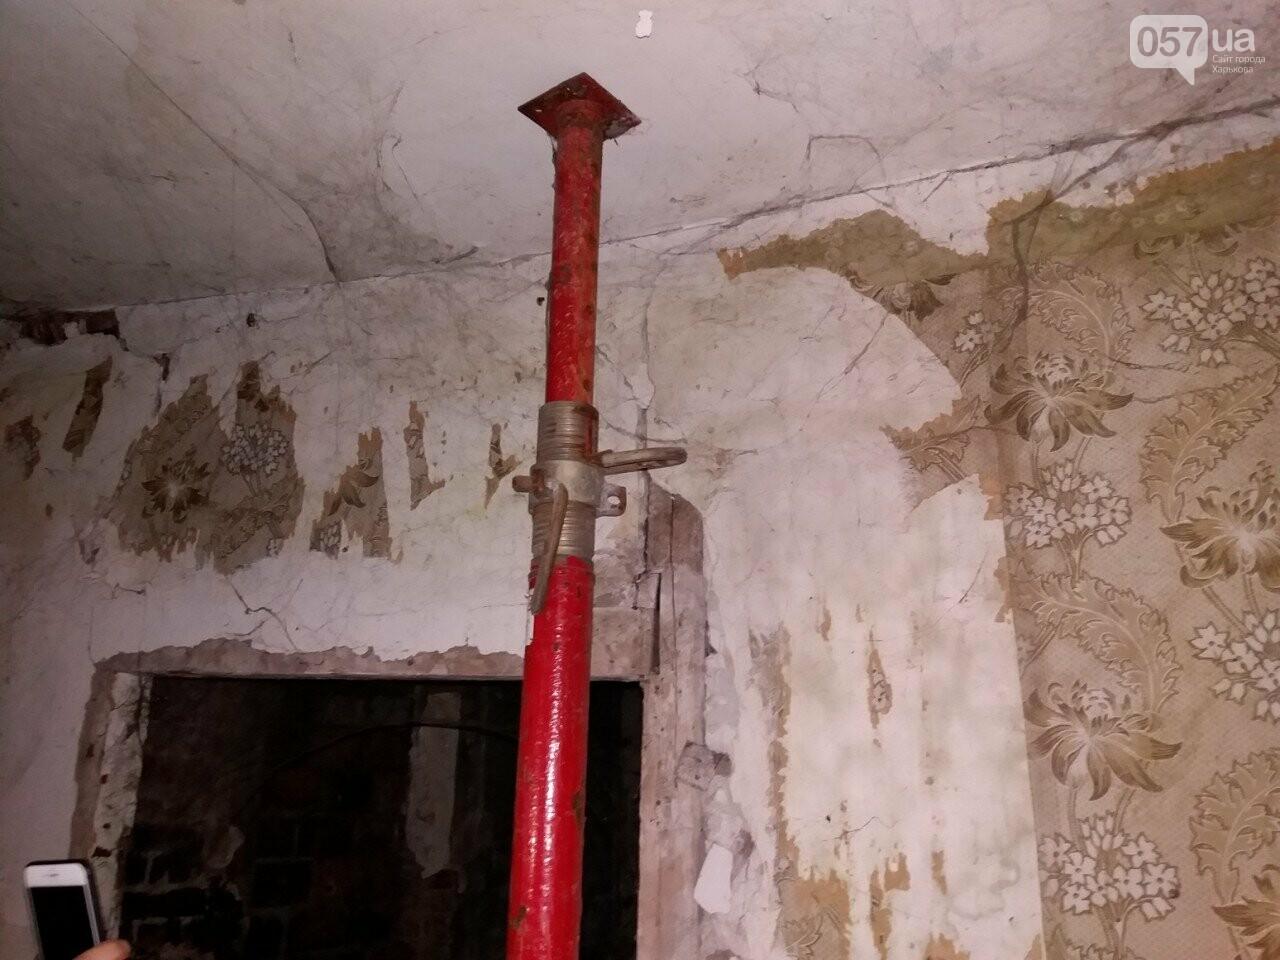 10 лет без ремонта: почему в Харькове не спешат восстанавливать аварийный дом, - ФОТО, фото-35